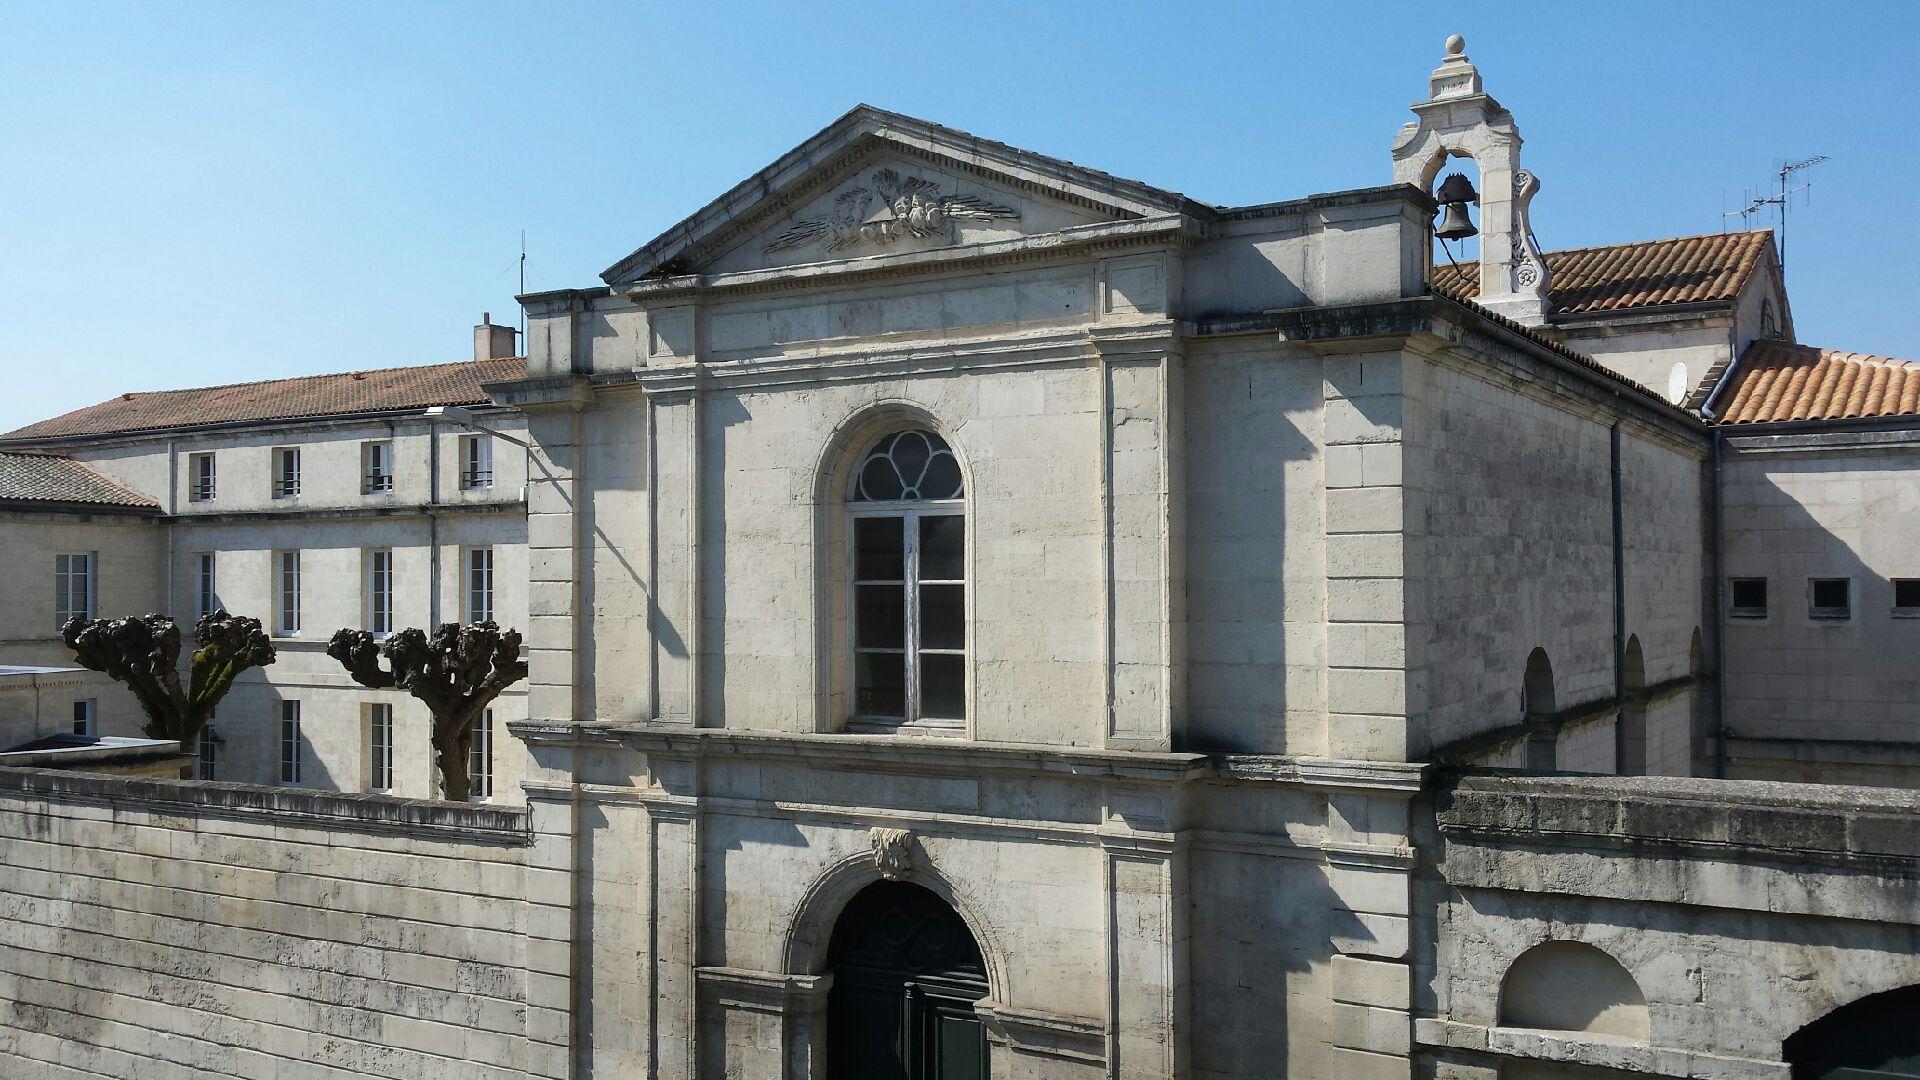 Vue de la fenêtre de la chambre Florence Knoll sur la Préfecture